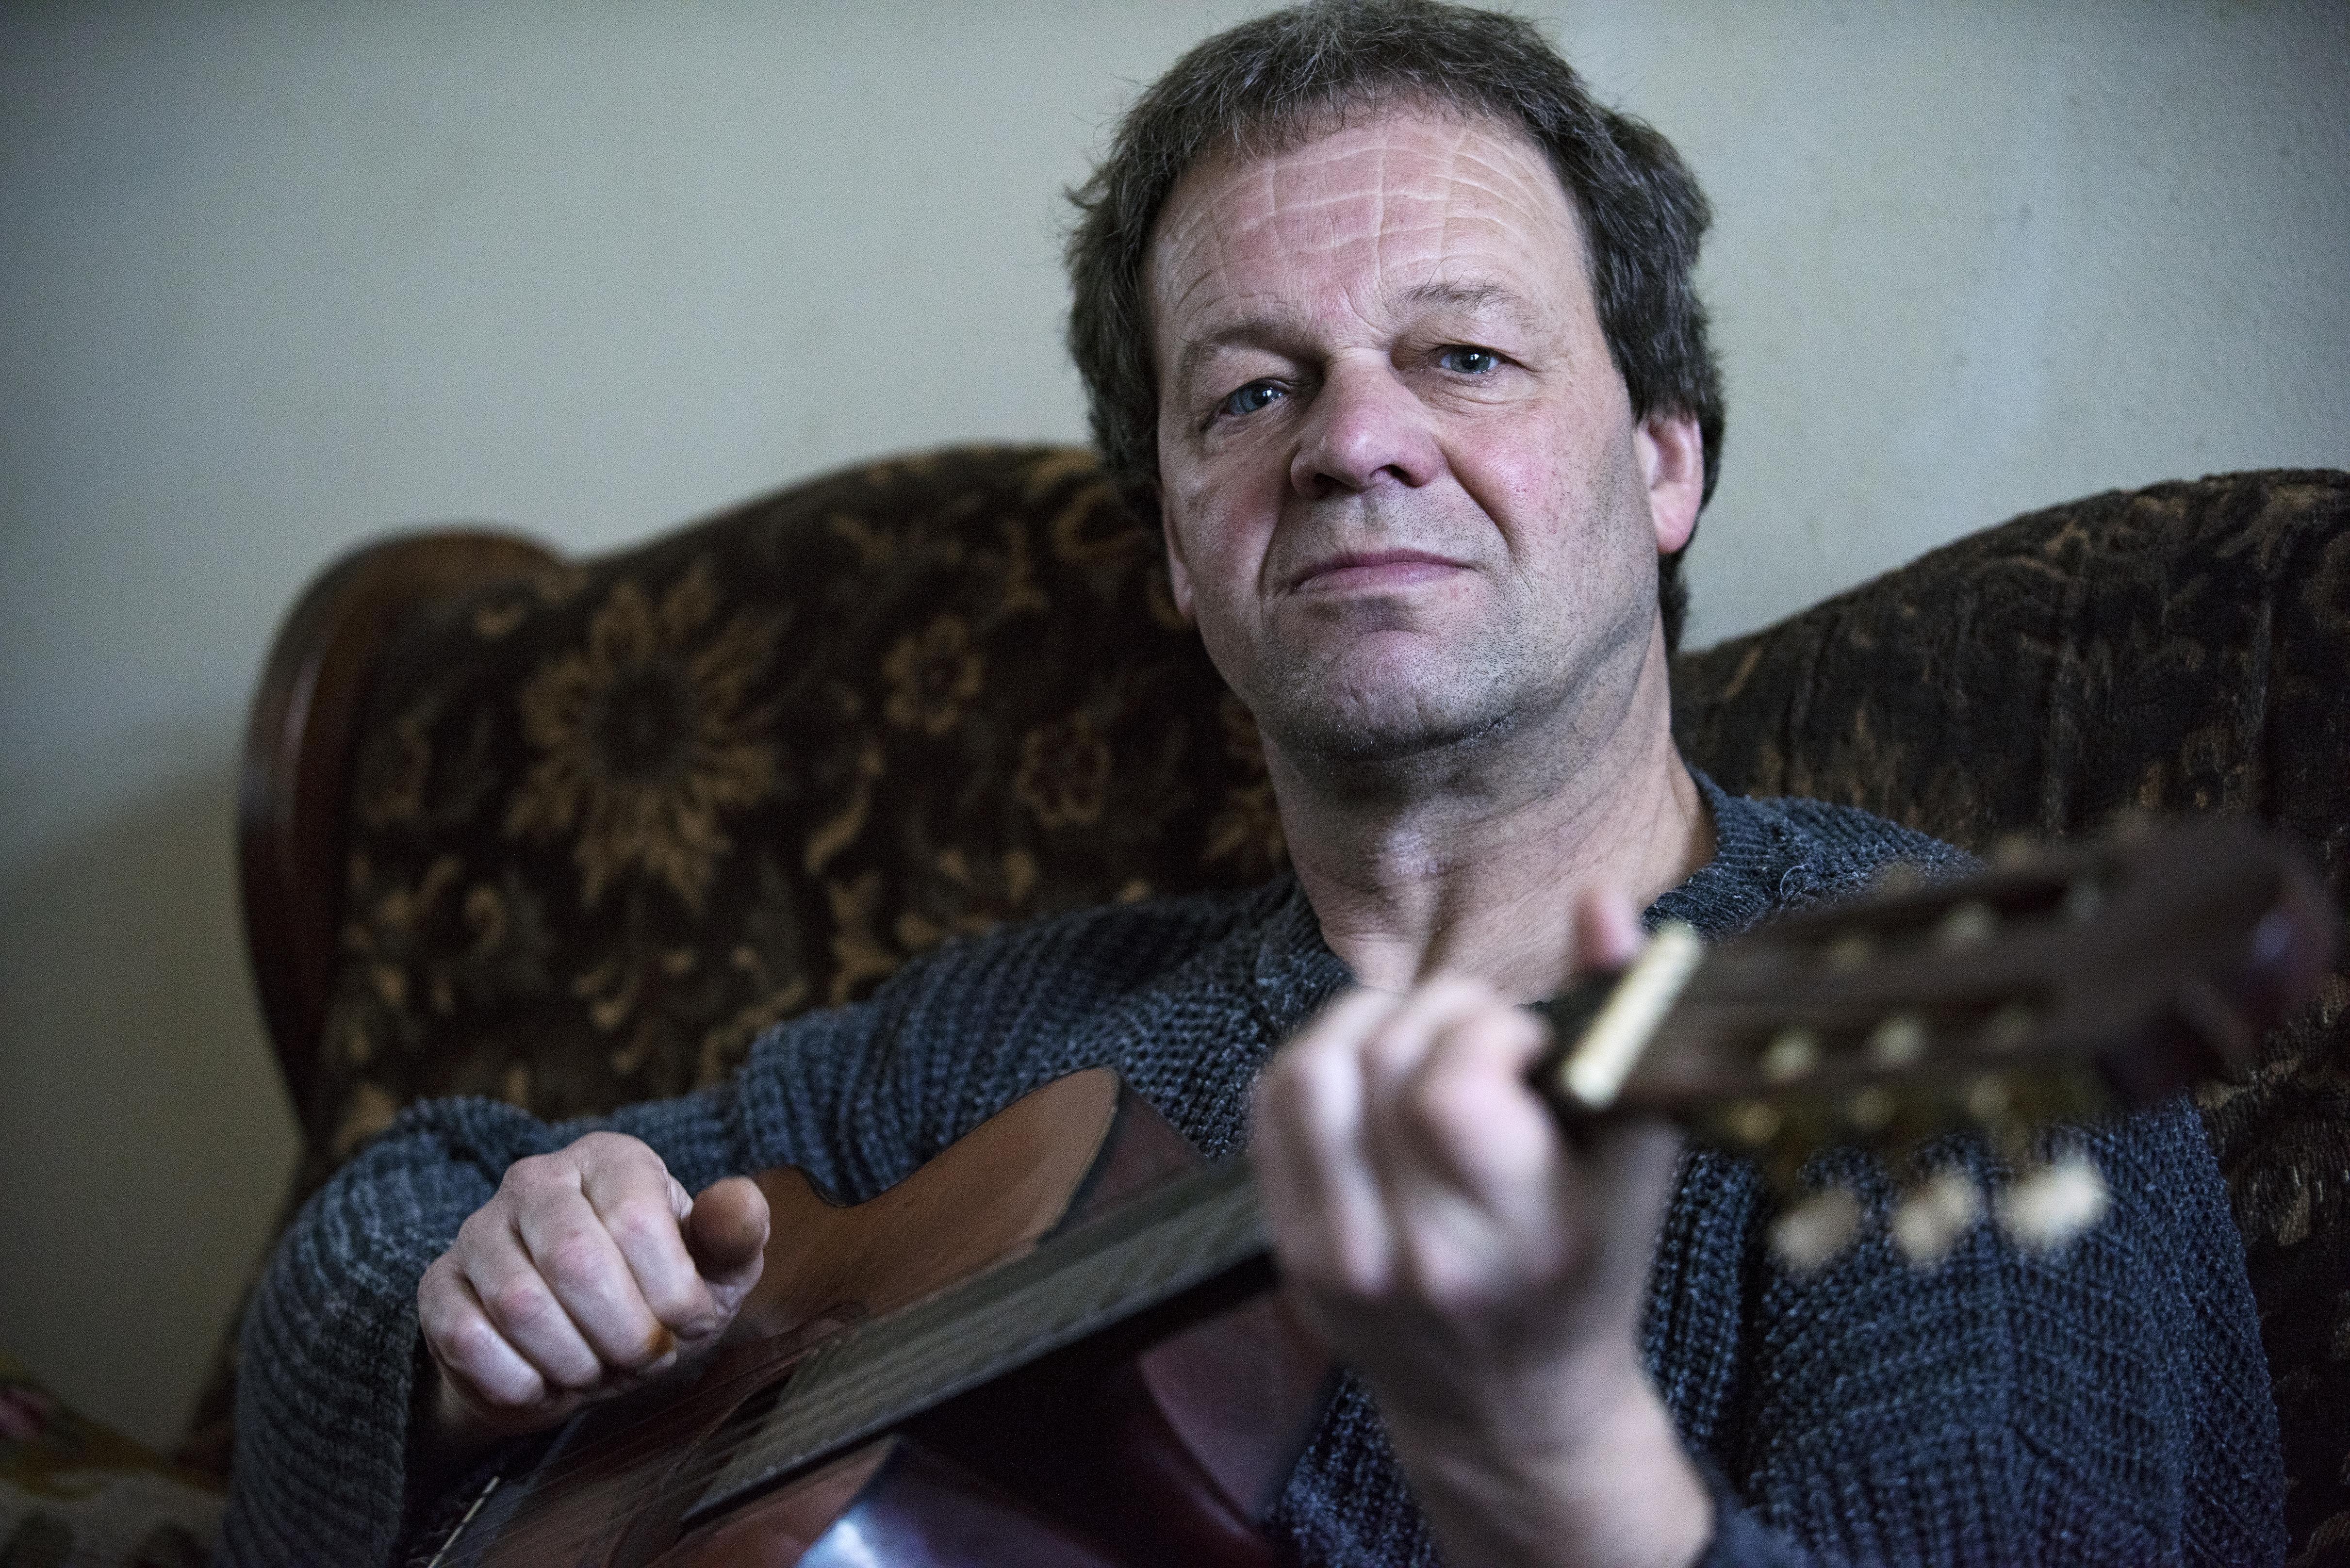 Jos van der Meij geeft belangeloos muziekles aan mensen met psychische problemen: 'Ik begrijp ze, muziek maakt iets in mensen los'